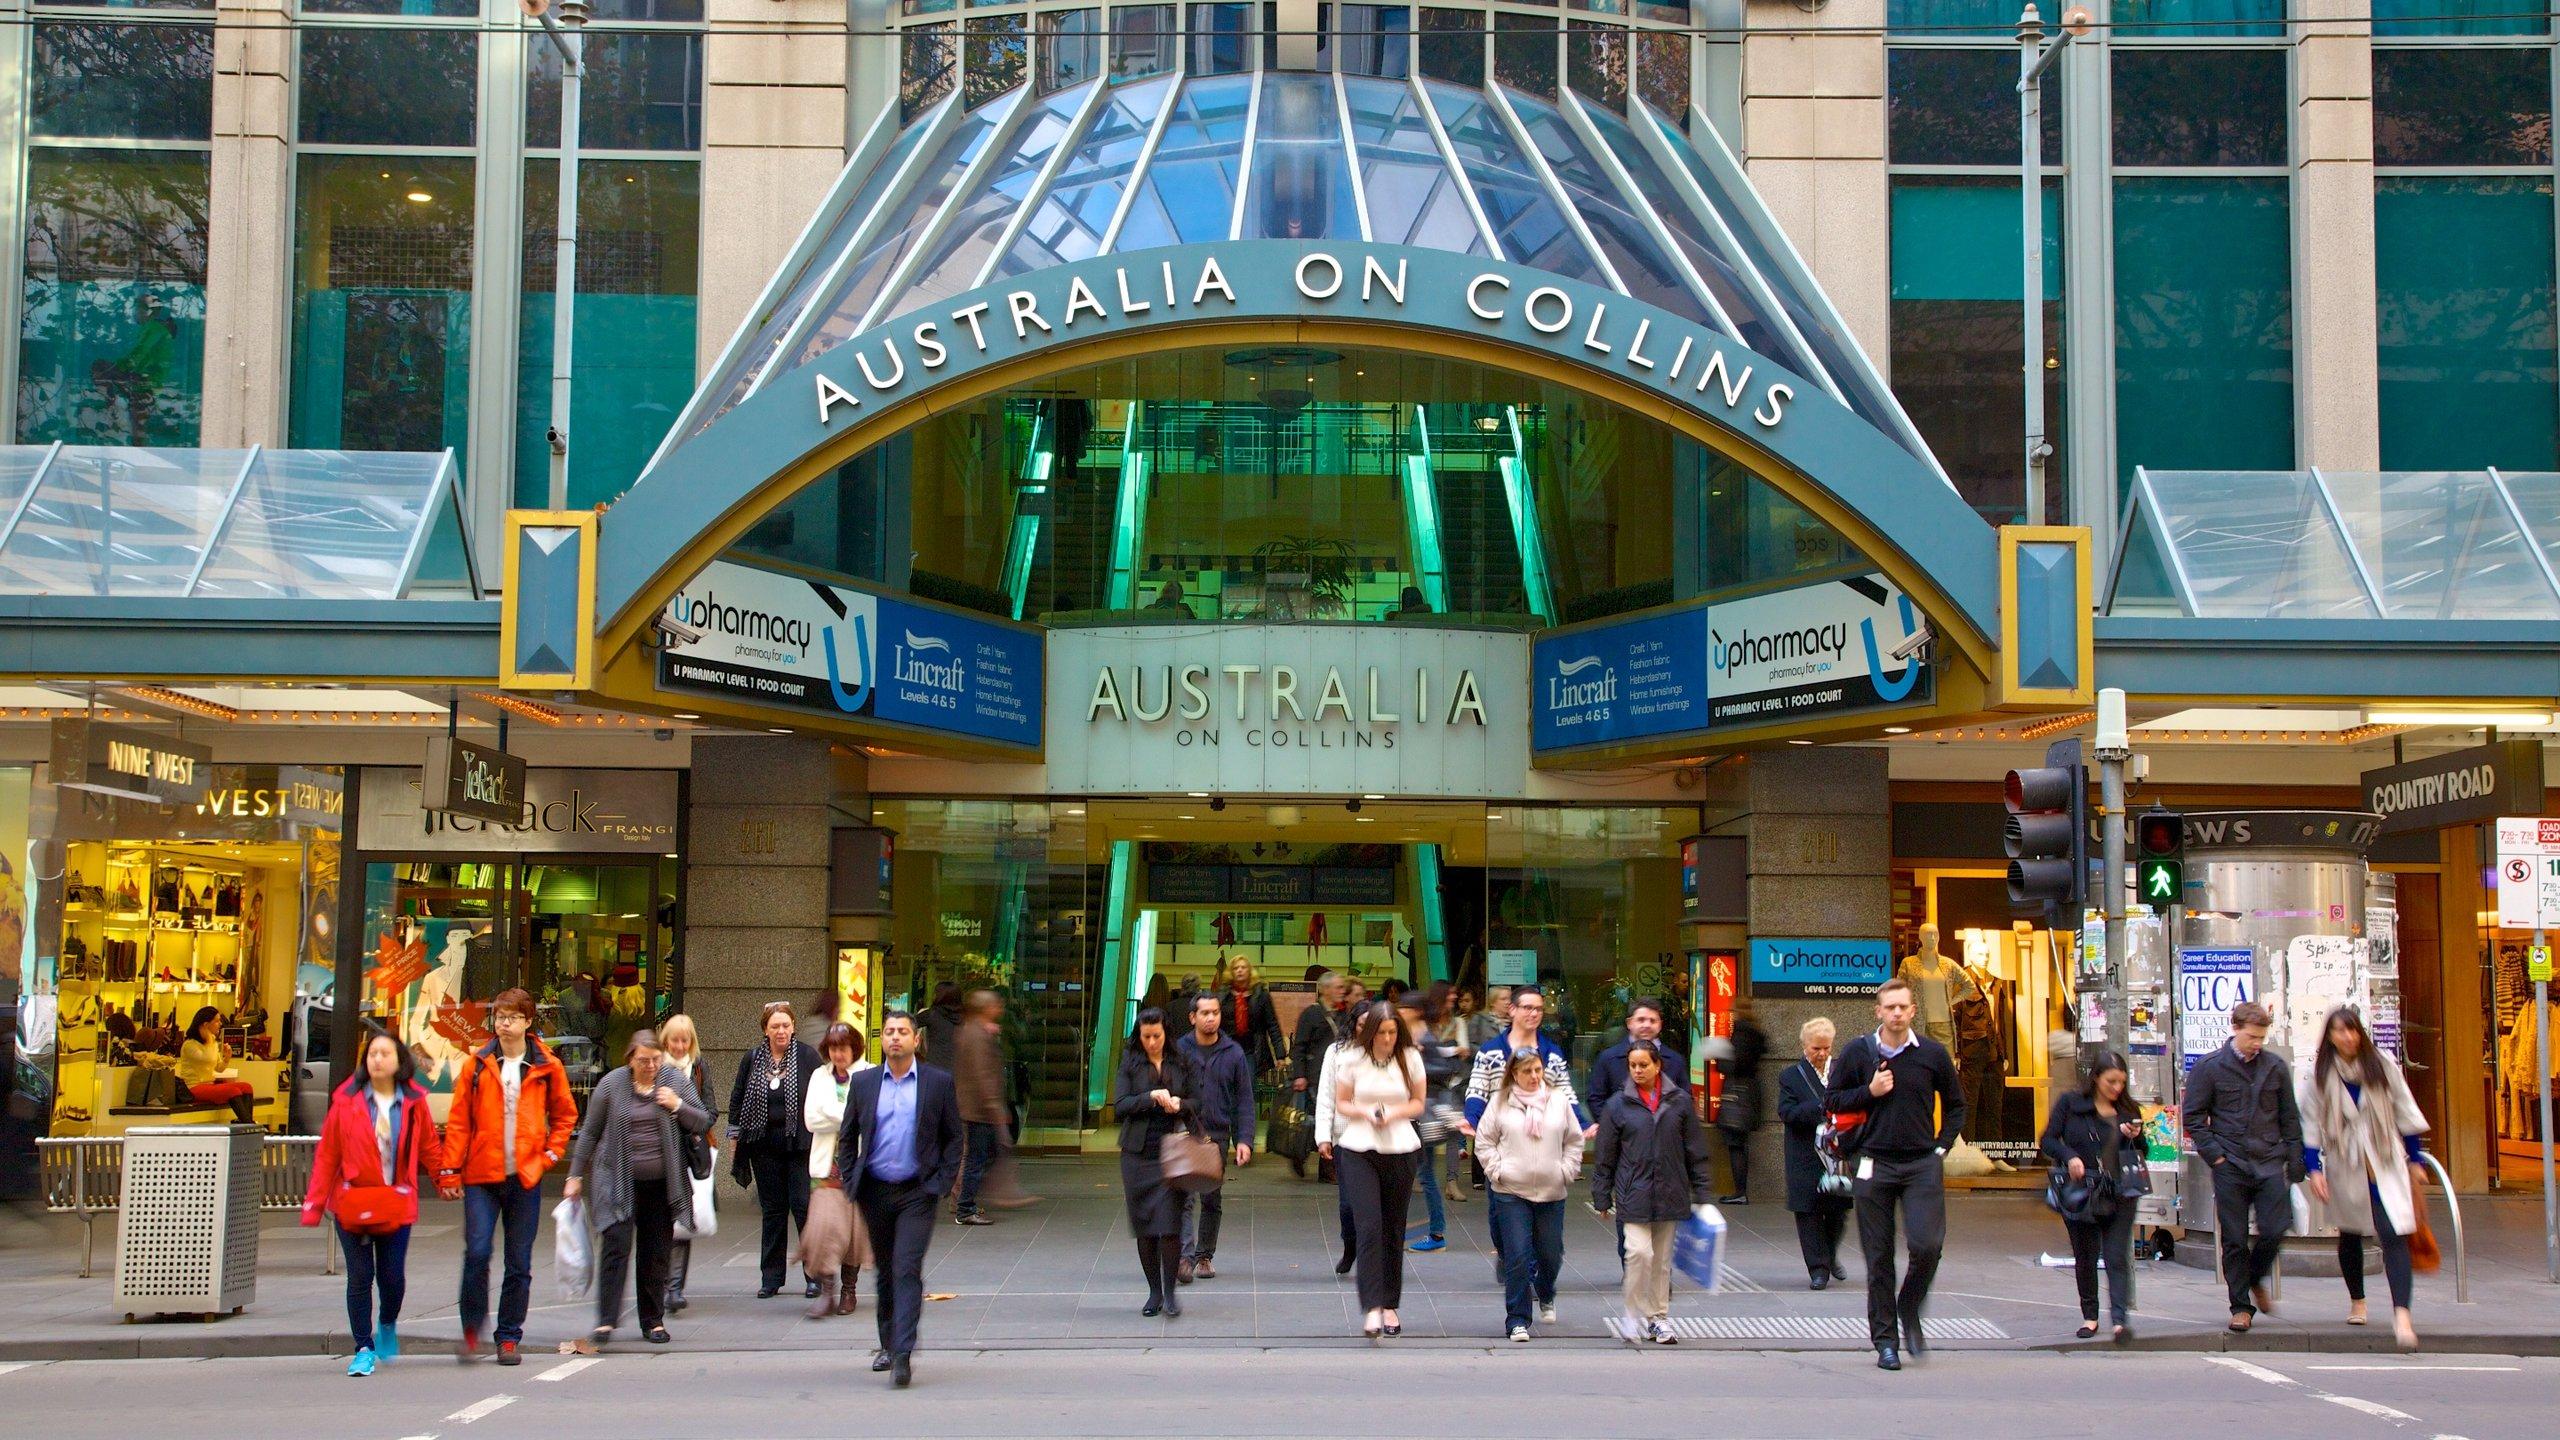 漫步於墨爾本首屈一指的街道,看看歷史建築物與摩天大樓並排,以及經典私人會所與時尚設計師時裝店共存。